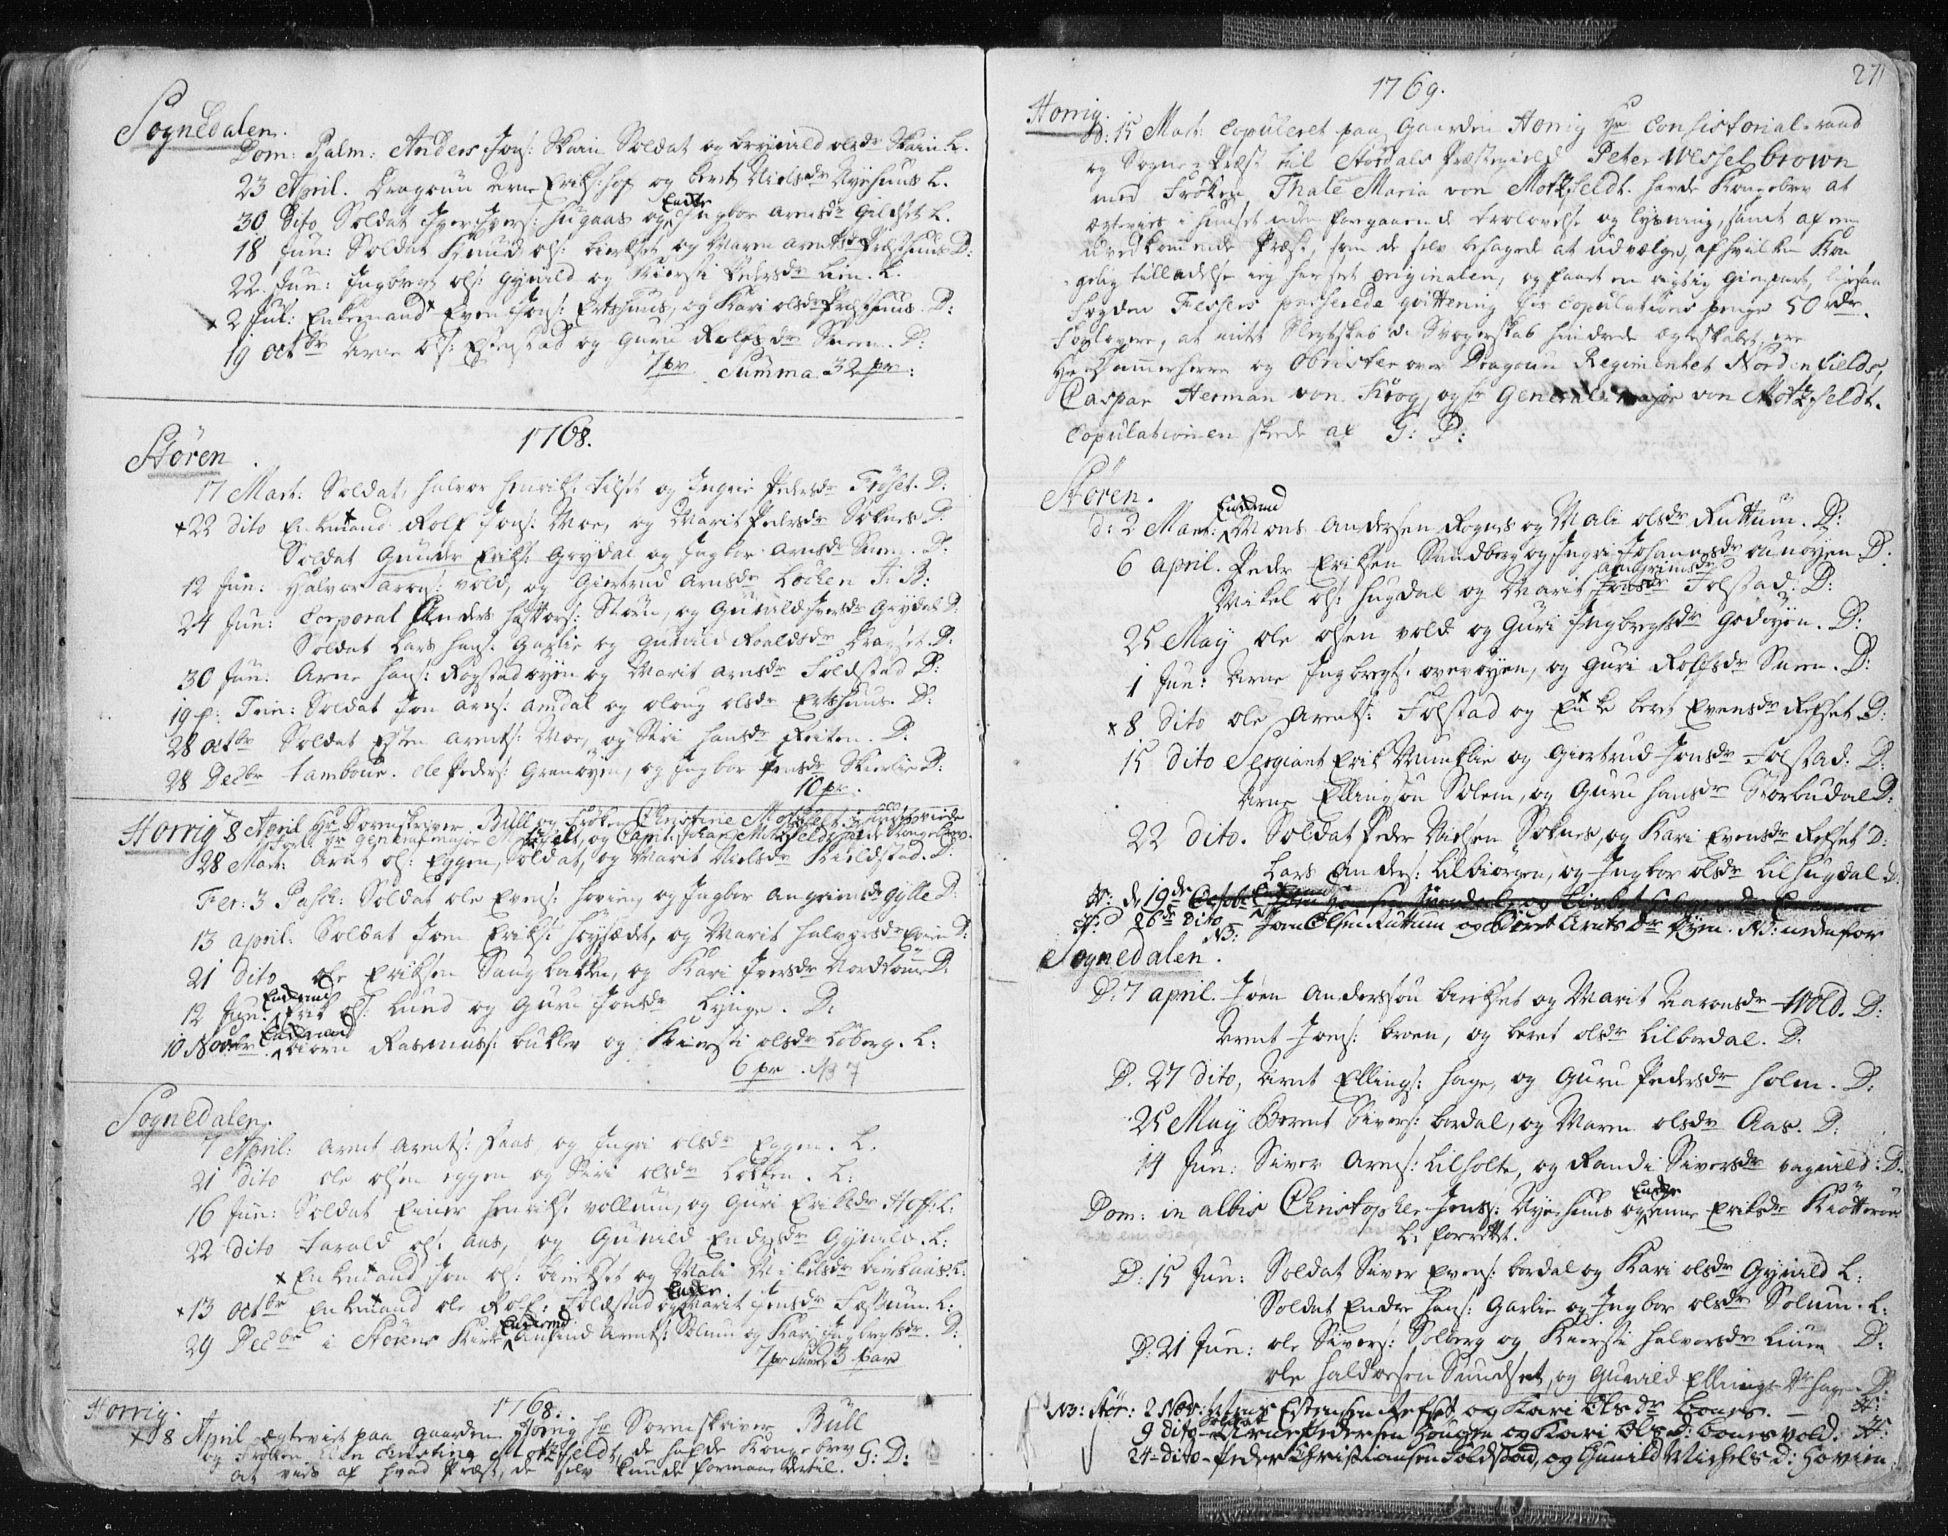 SAT, Ministerialprotokoller, klokkerbøker og fødselsregistre - Sør-Trøndelag, 687/L0991: Ministerialbok nr. 687A02, 1747-1790, s. 271